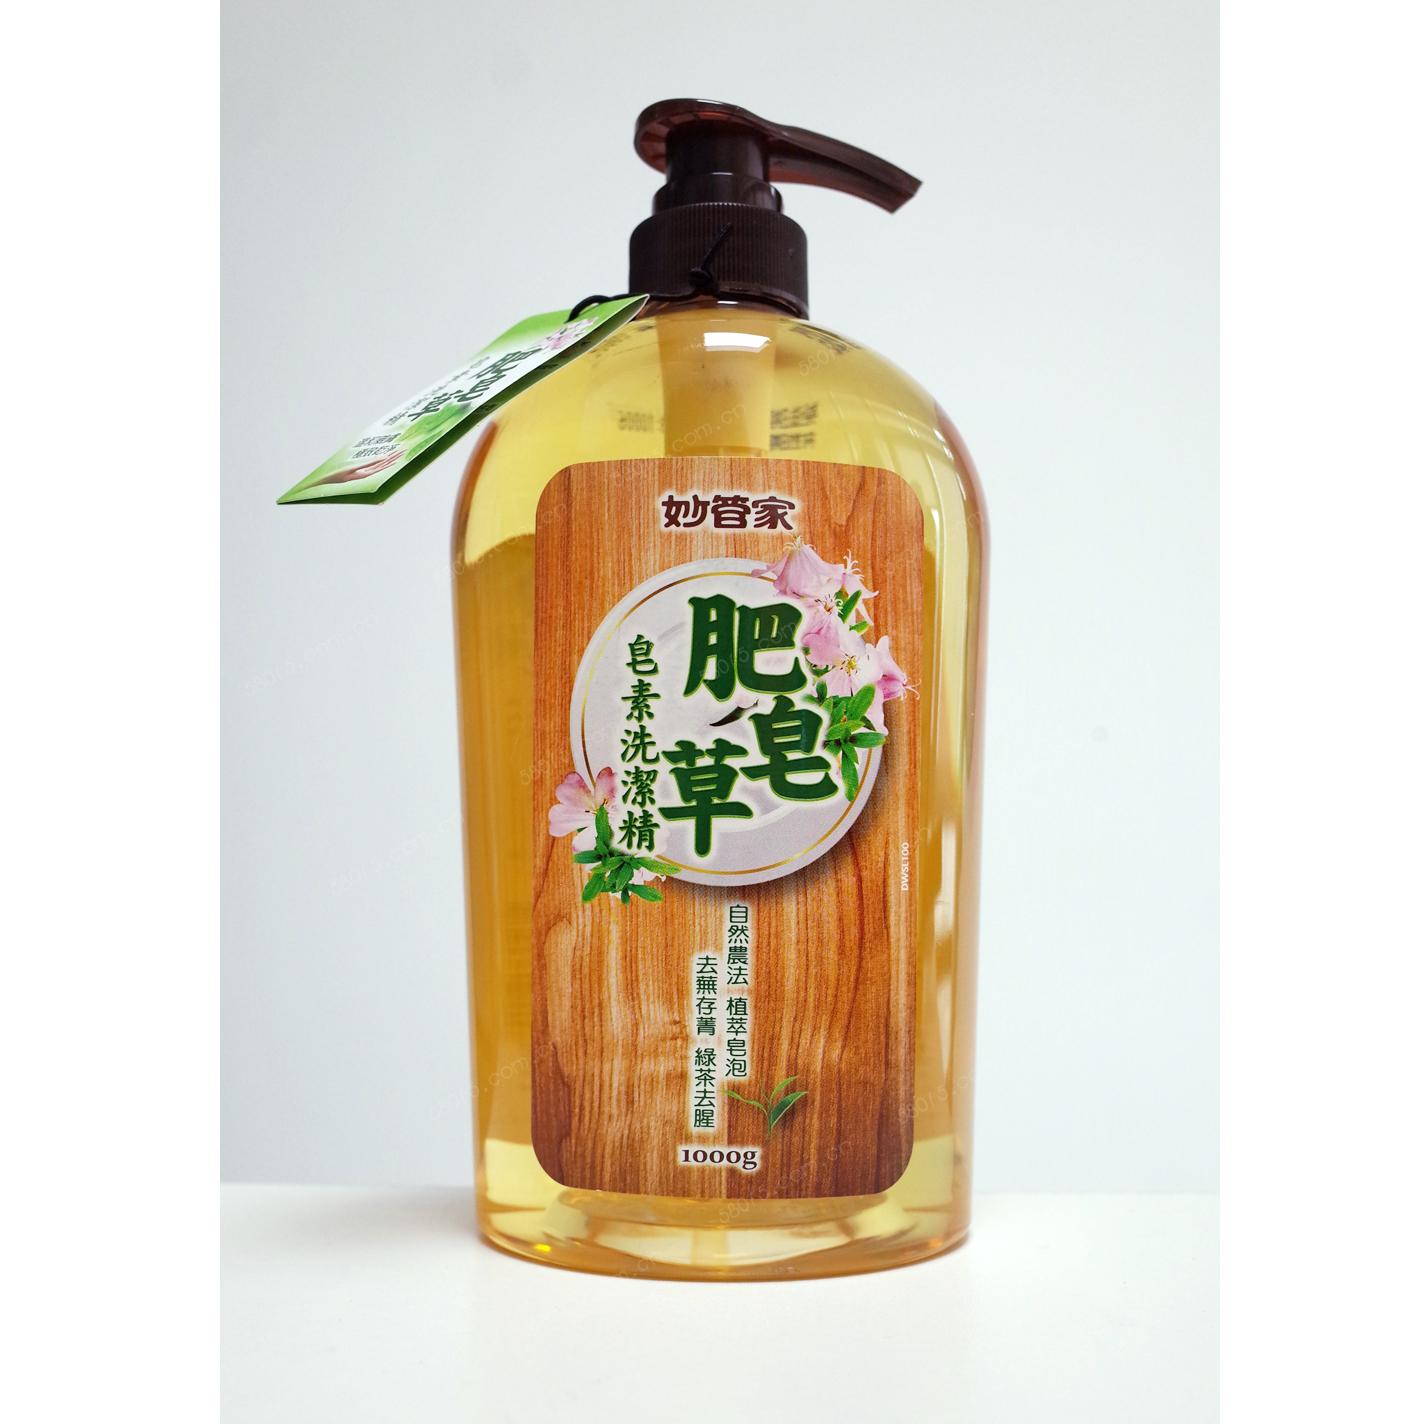 台湾正品花王|浴室魔术灵|柠檬香型喷装500ml|去污免刷清洁剂